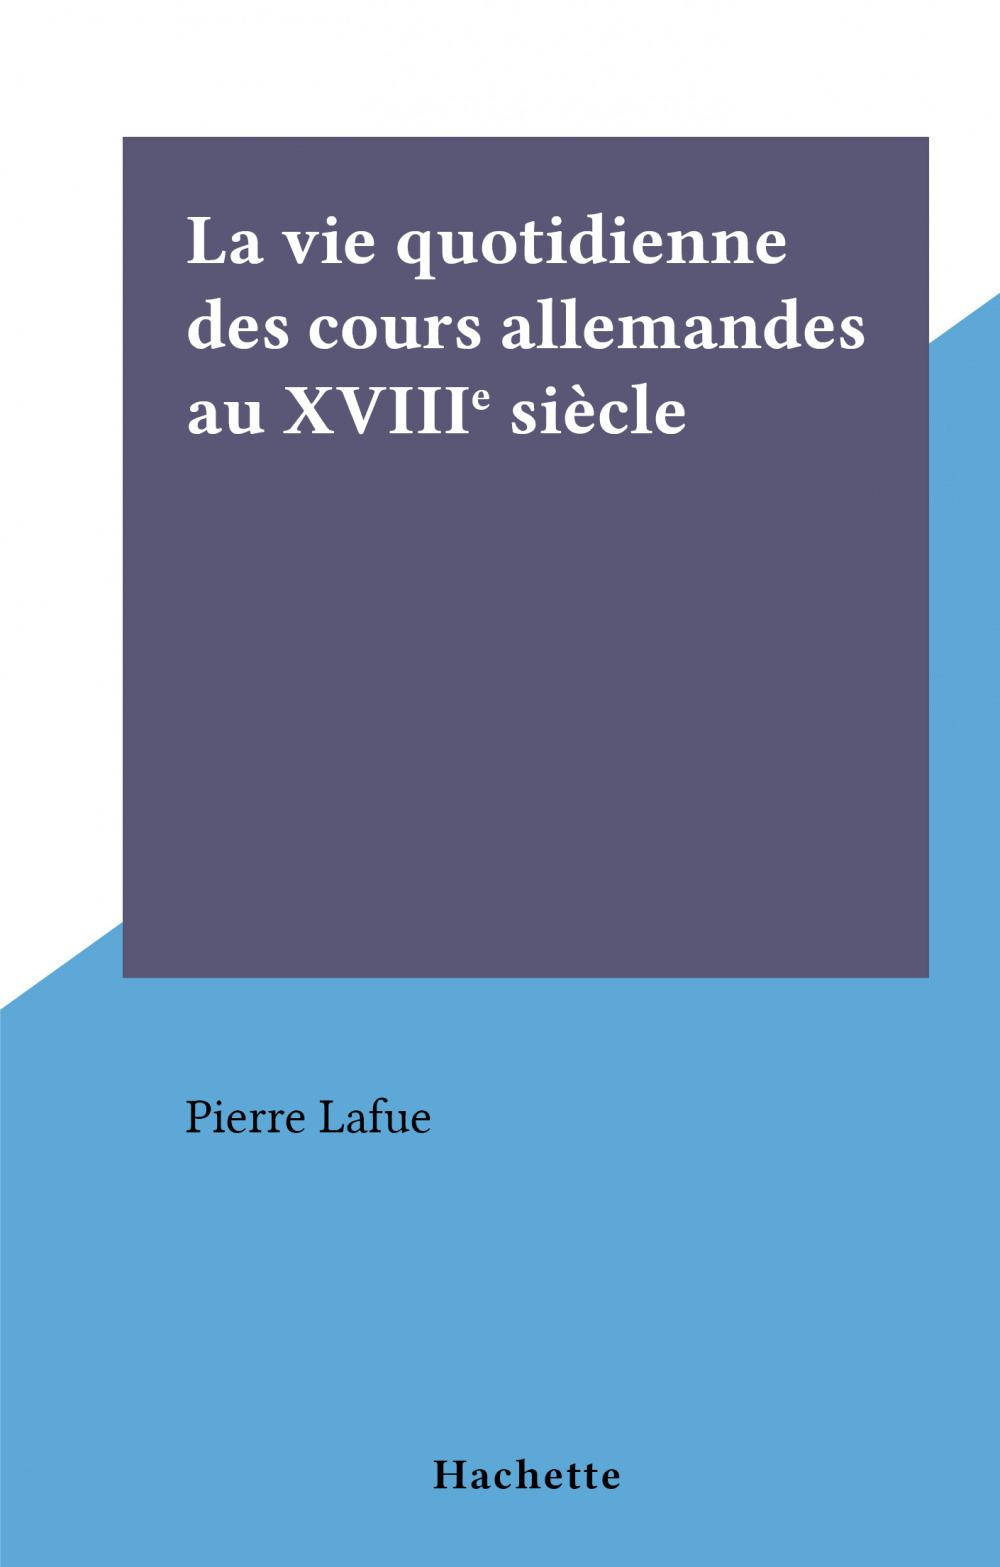 La vie quotidienne des cours allemandes au XVIIIe siècle  - Pierre Lafue